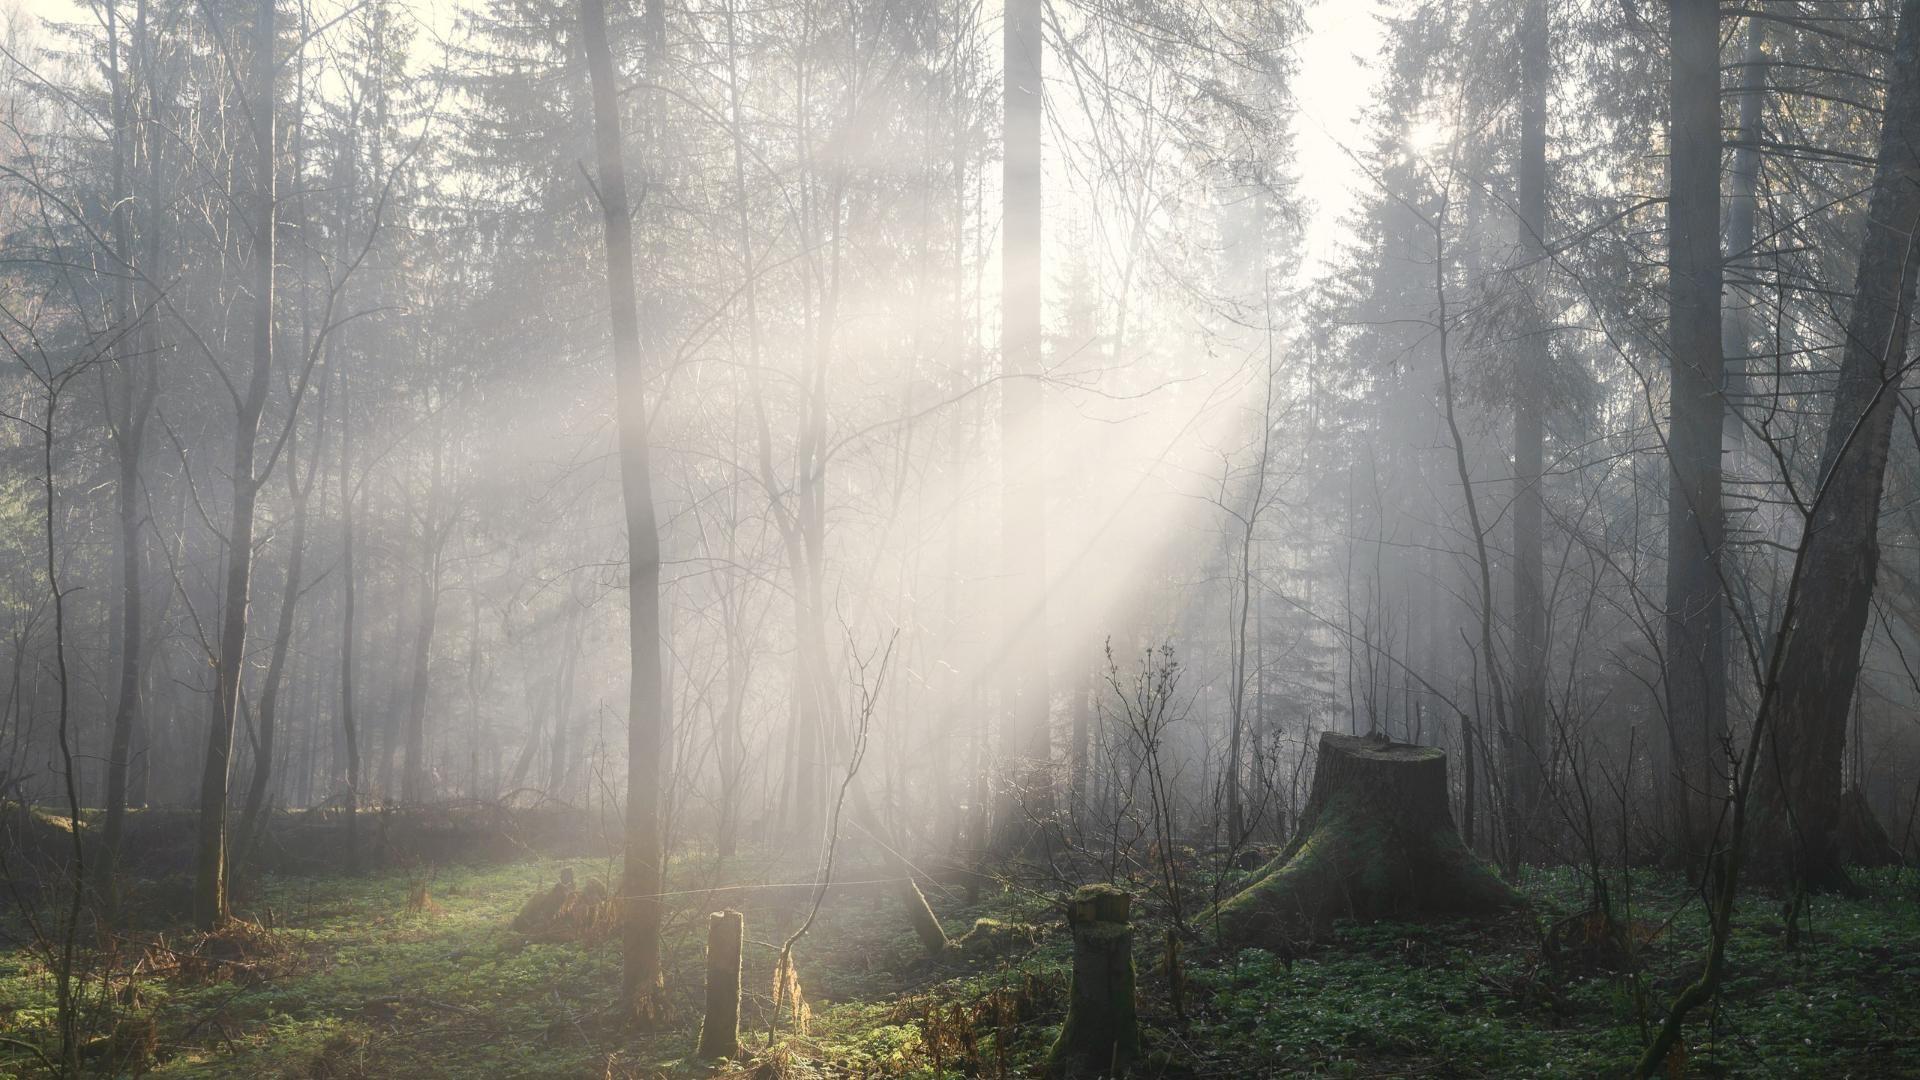 Fog download wallpaper image